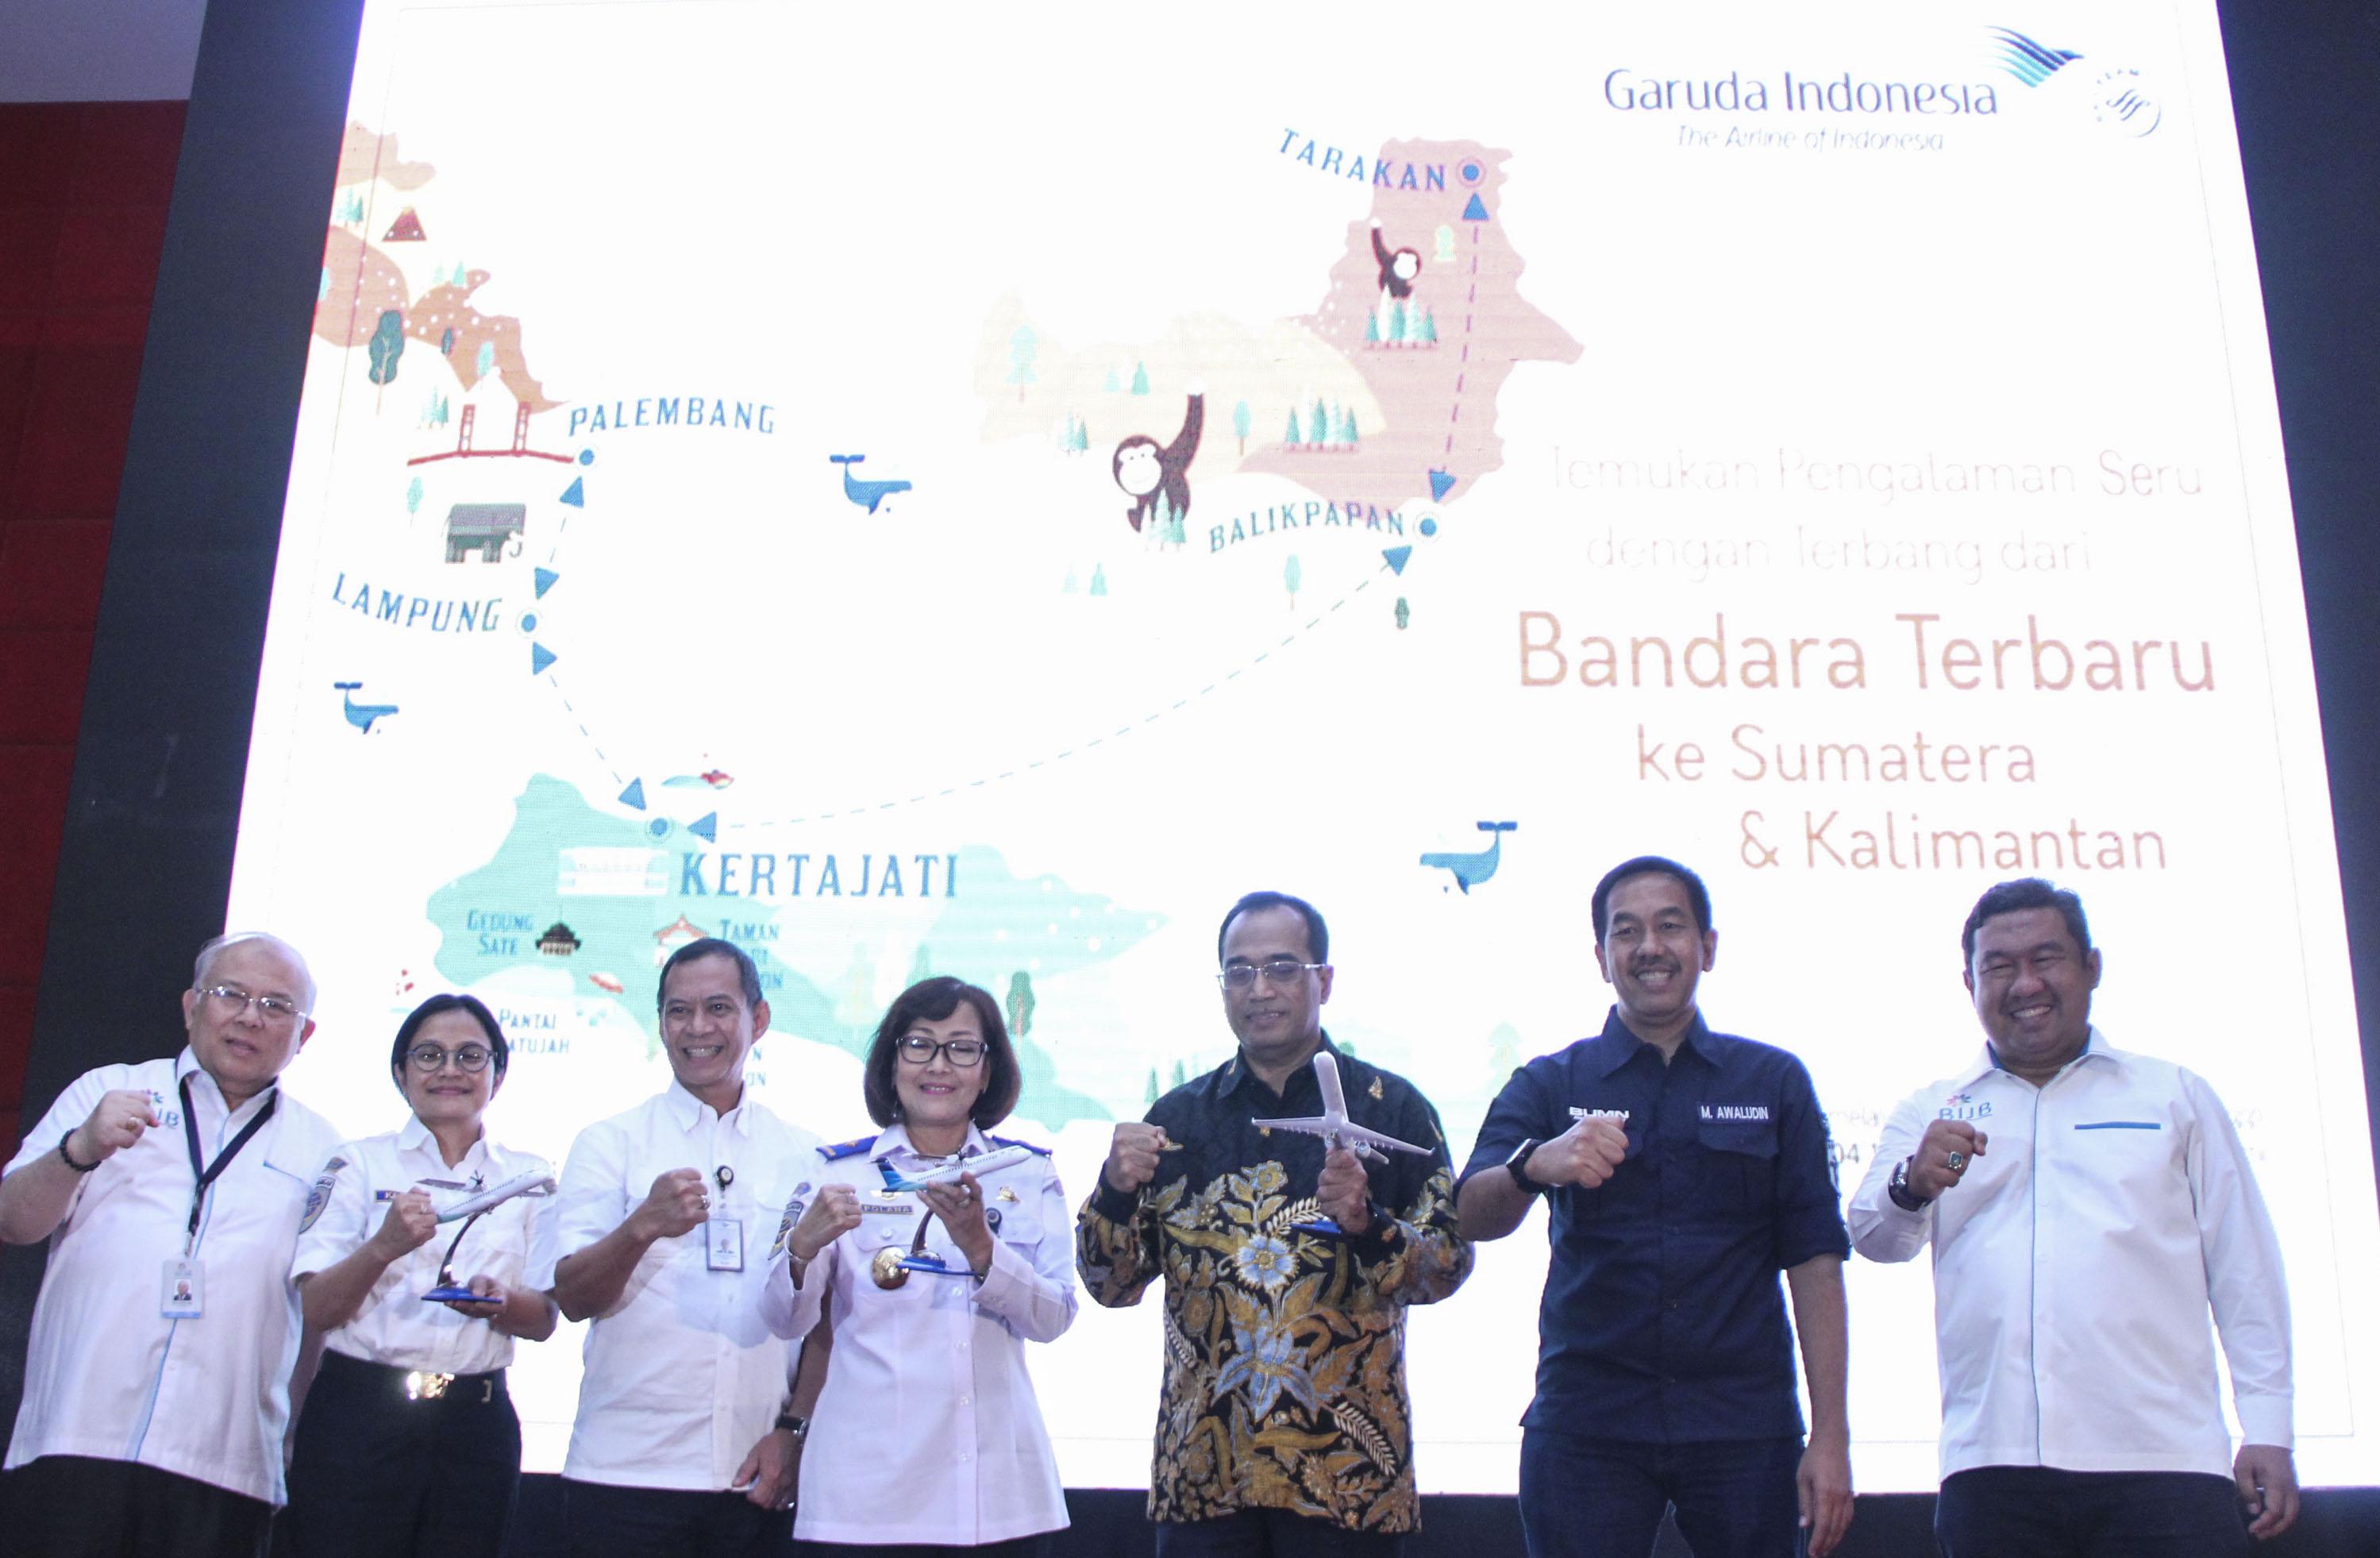 Garuda Indonesia Resmi Layani Penerbangan dari Bandara Kertajati